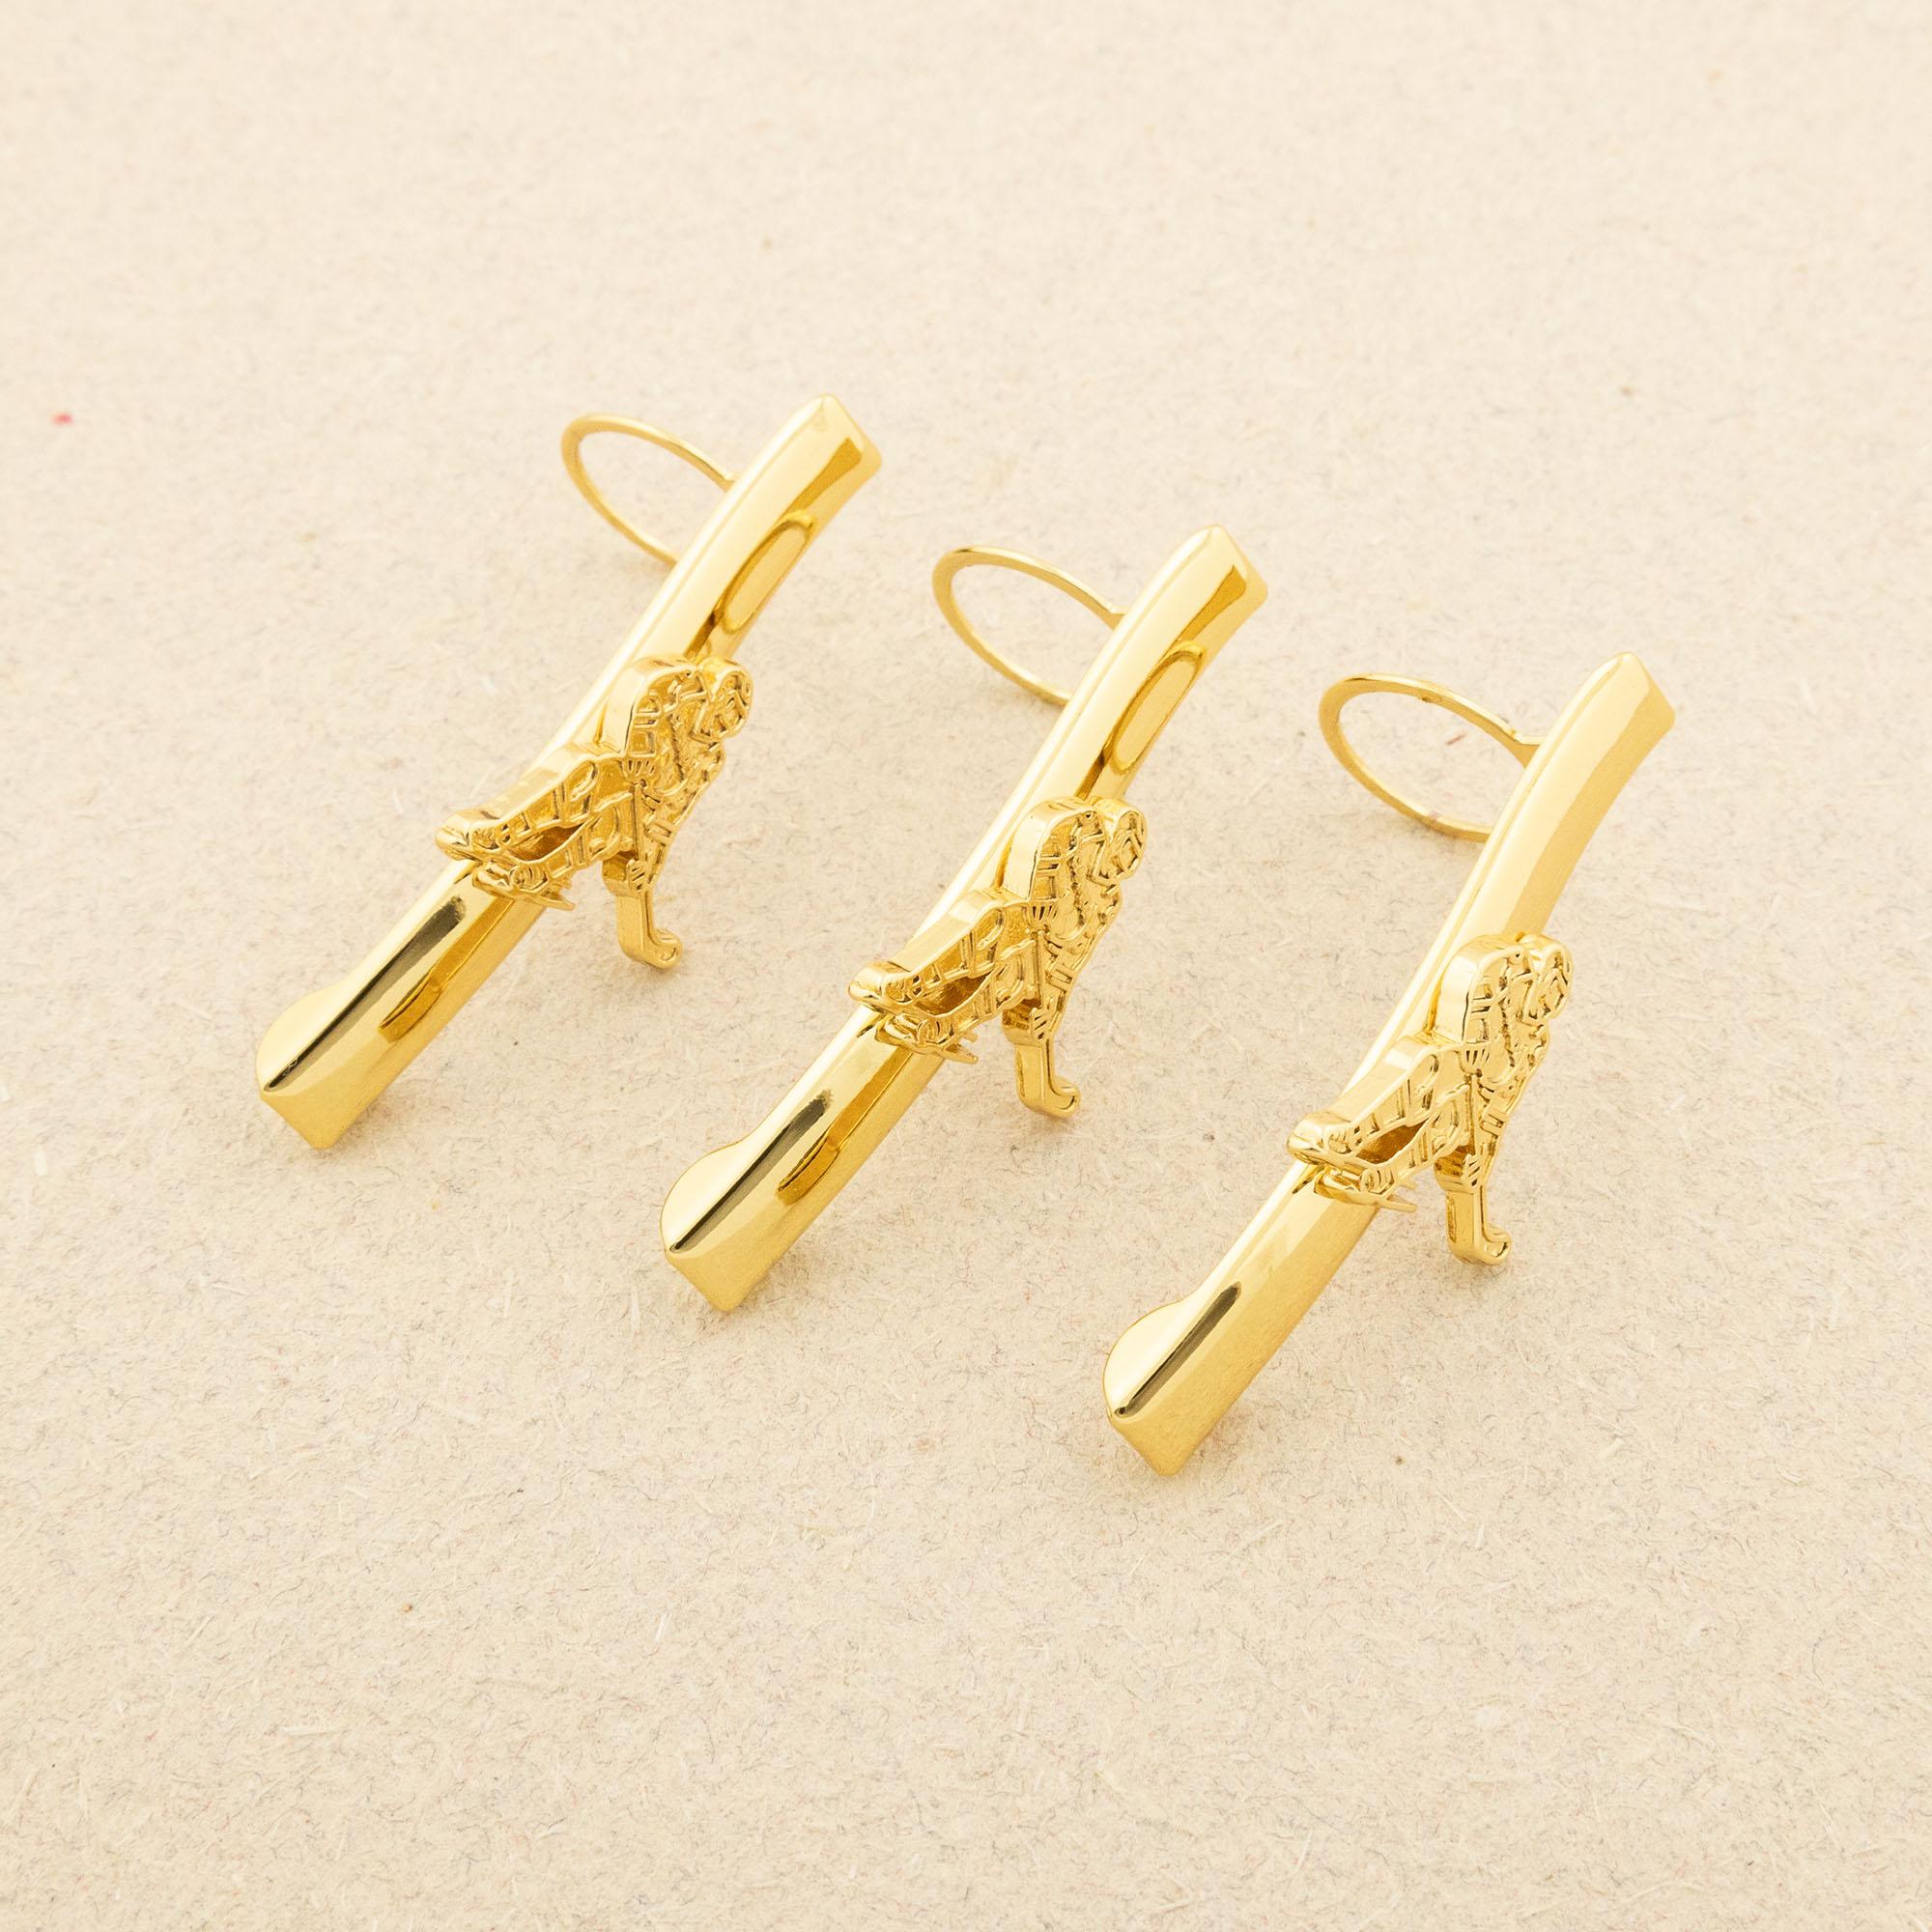 Maple Leaf pen kit clips gold hockey - 3 pack